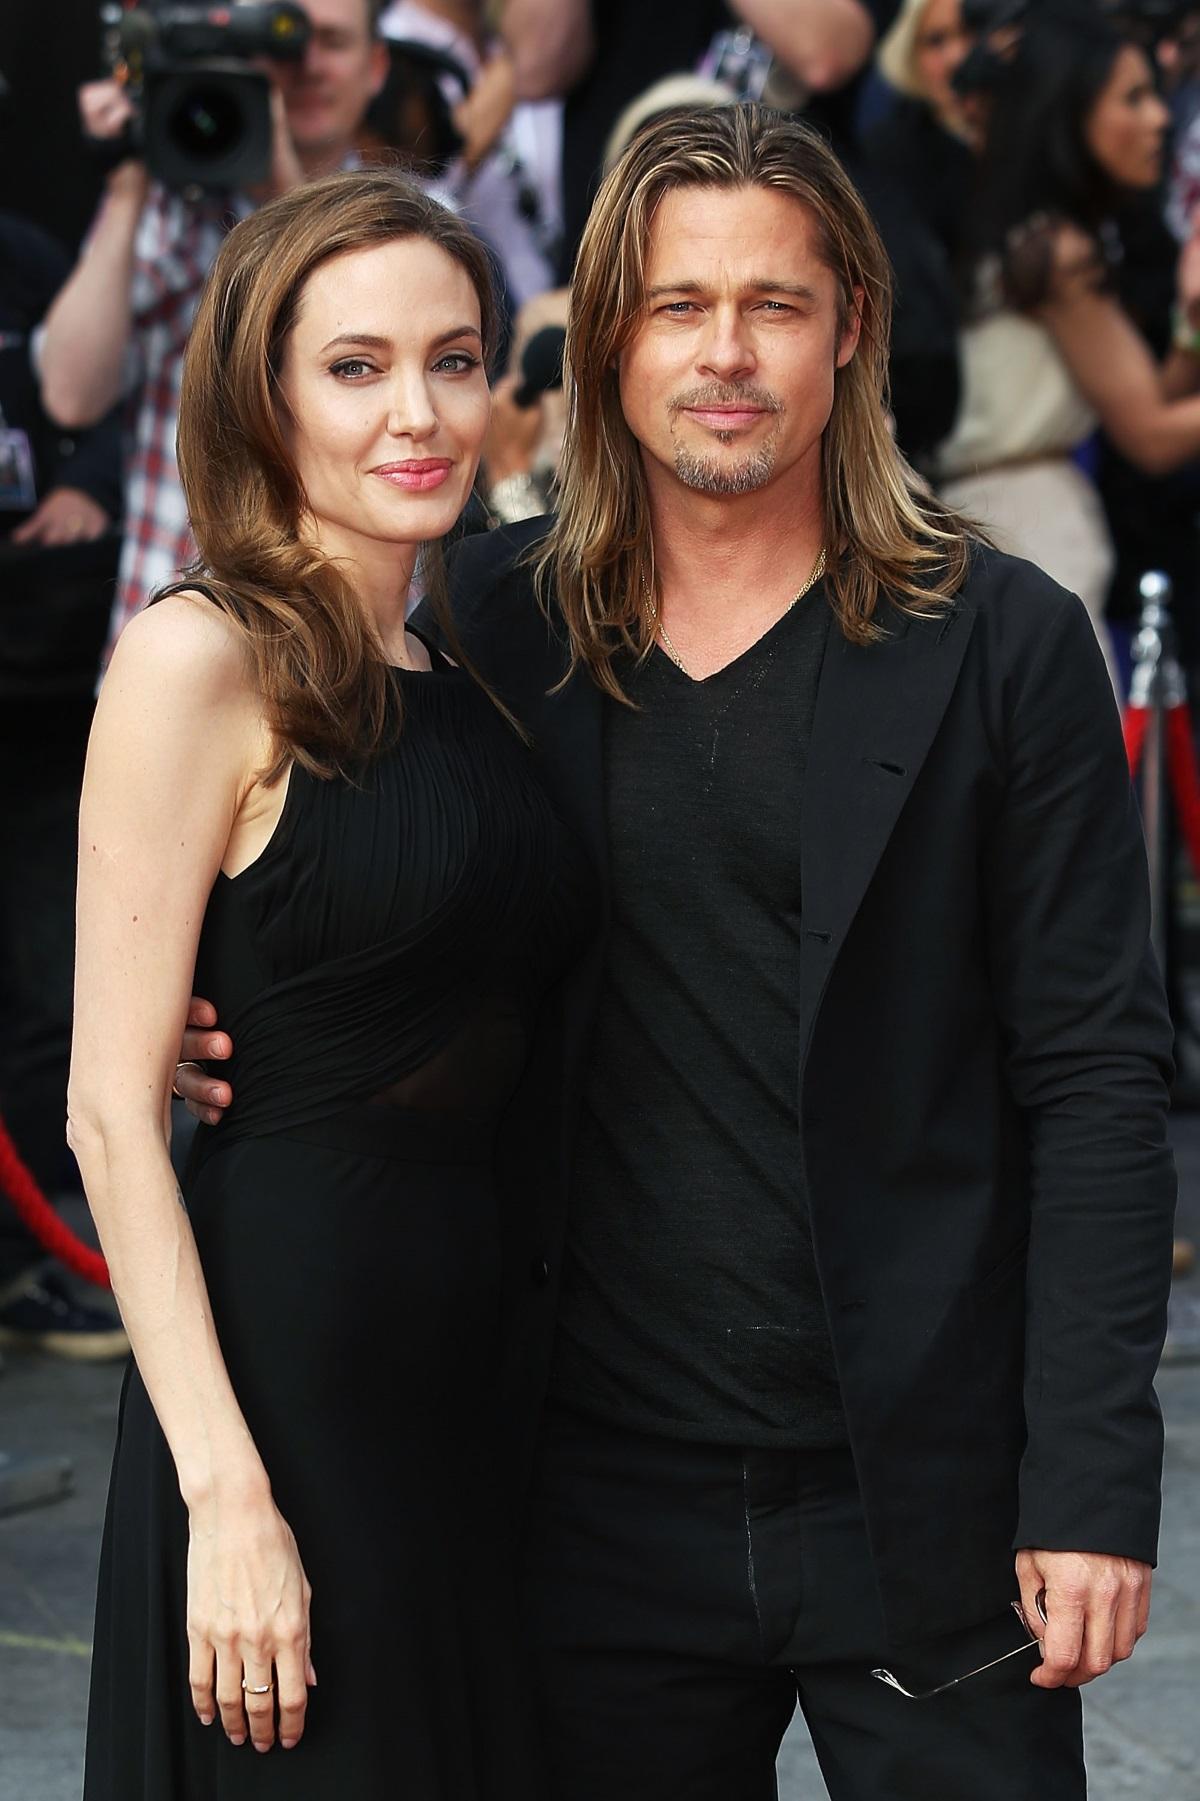 """Анджелина Джоли и Брад Пит се ожениха на 23 август 2014 г. на Лазурния бряг. Близките отношения между тях започнаха през 2004г. предиснимките на филма """"Мистър и мисис Смит"""". Дваматаимат шест деца, три от които са биологични, а три са осиновени.Шайло е на 10 години, а близнаците Вивиан и Нокс на 8 години.Осиновените деца са:Мадокс на 15 години, Захара на 11 години и Пакс на 13 години."""